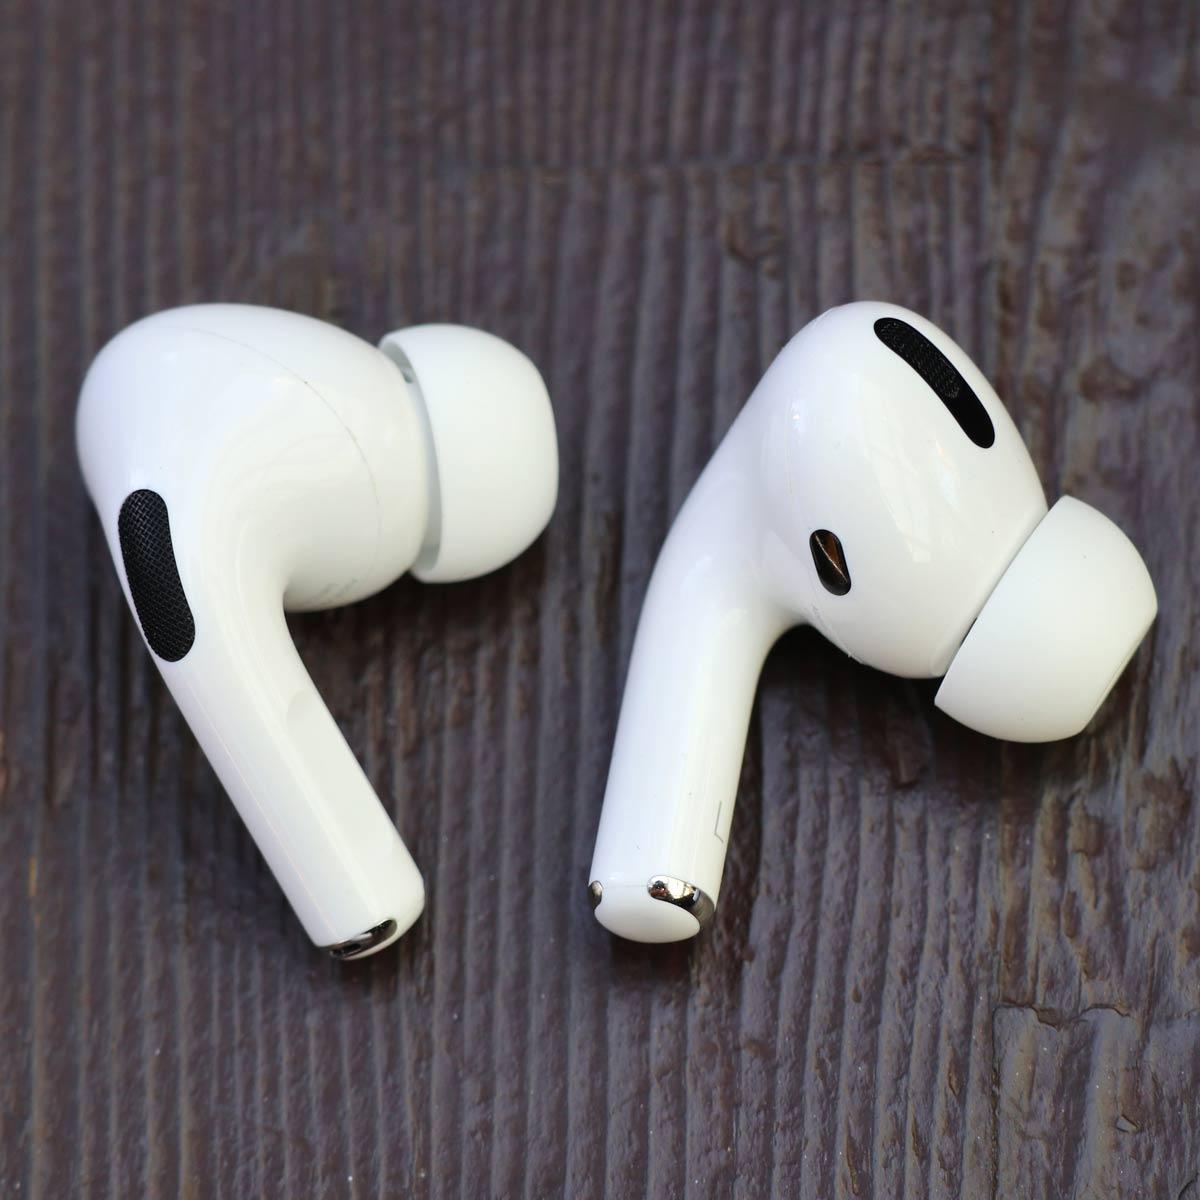 アップル「AirPods Pro」のノイズキャンセリング効果は想像以上! 遮音性も装着性もアップ